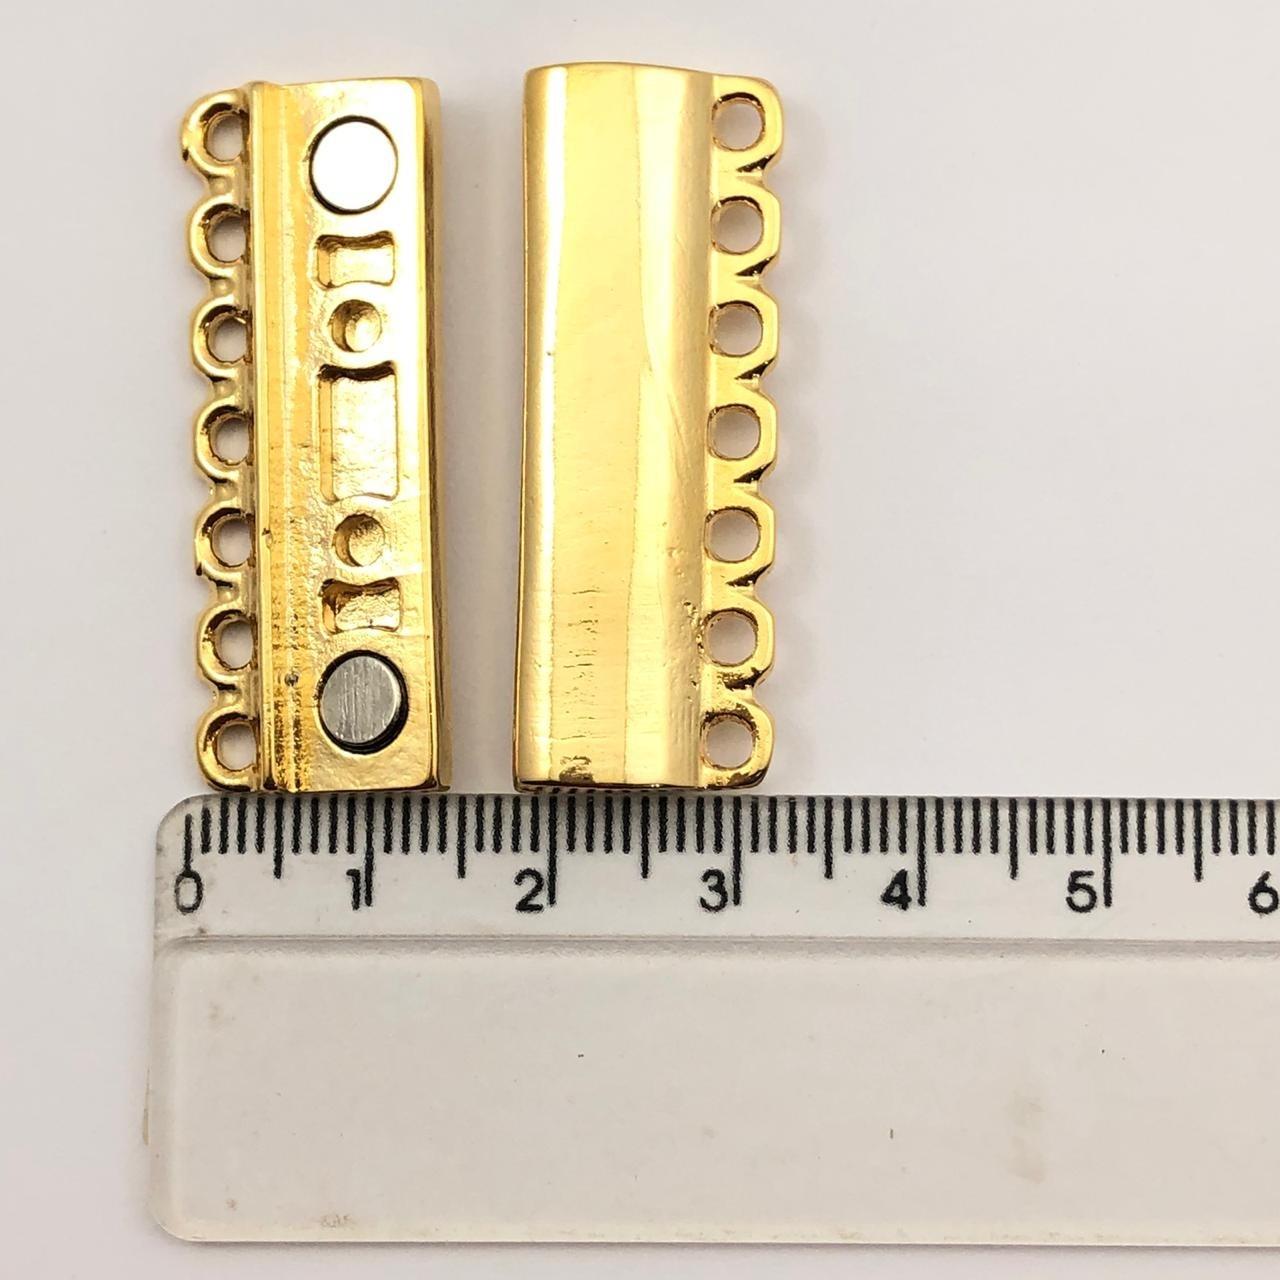 FC108 - Fecho Imã 7 Saídas Banhado Cor Dourado -  01Conjunto